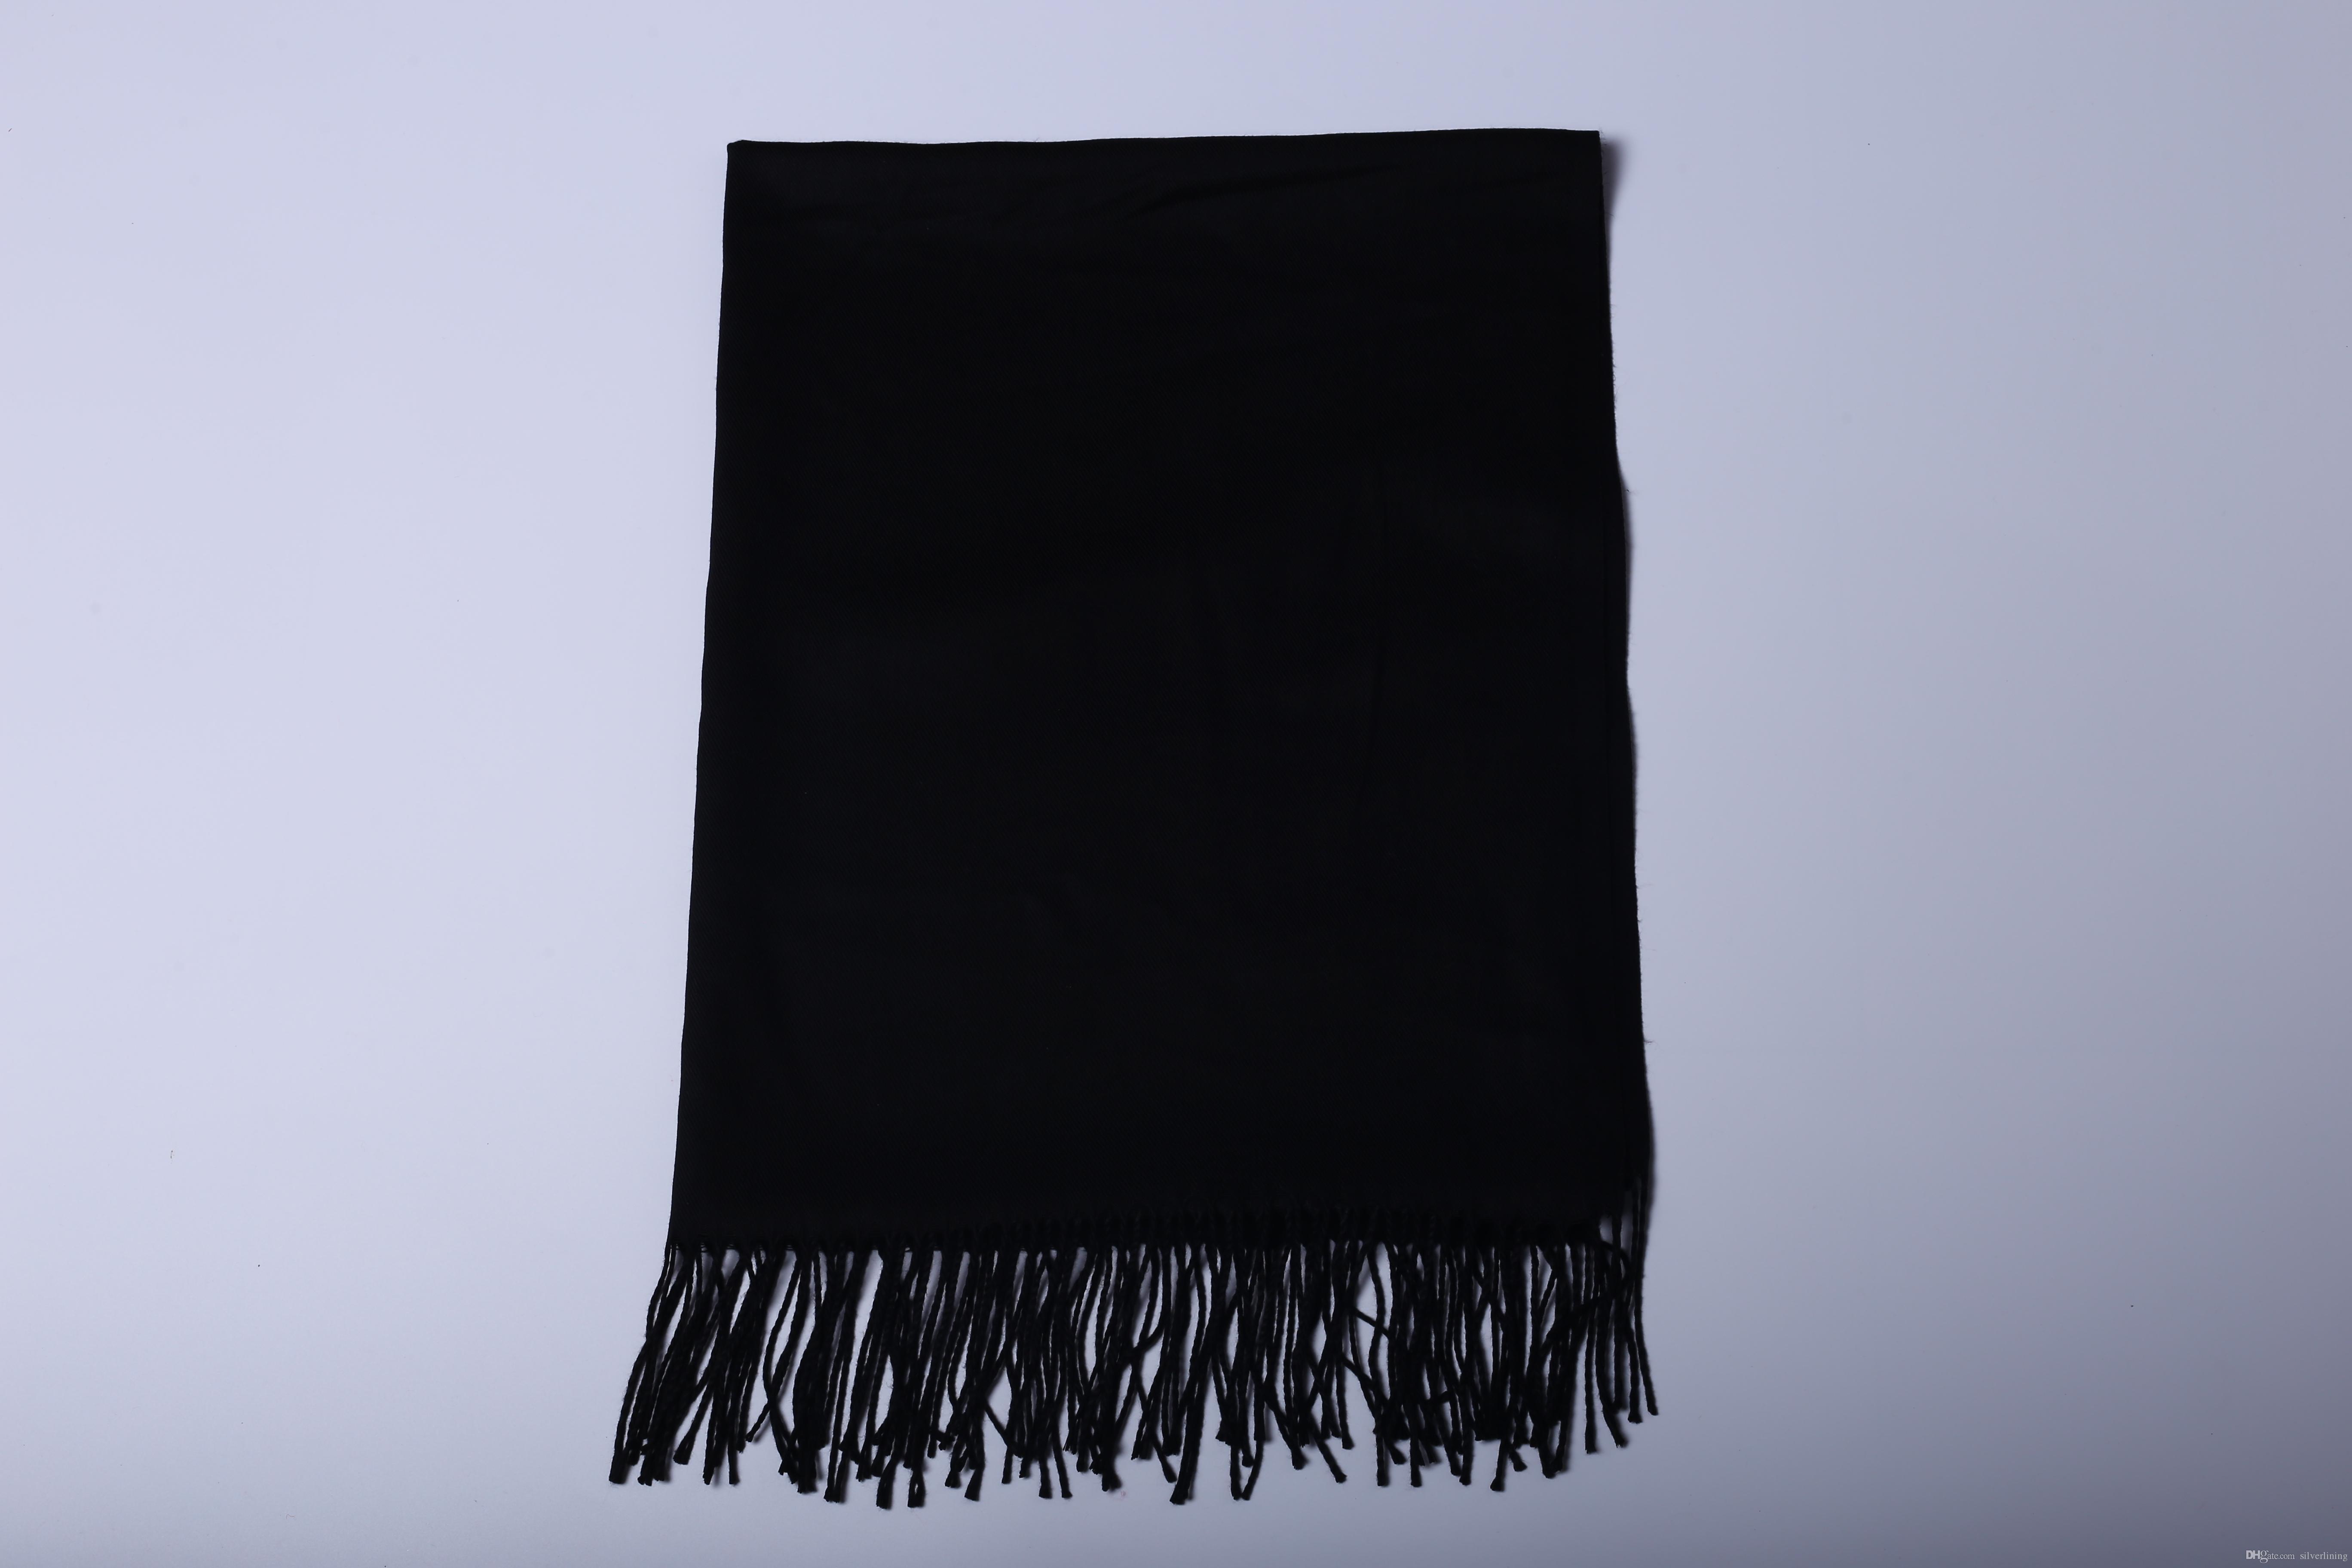 Nueva manera de lujo 2019 de invierno bufanda de la cachemira de Pashmina para las mujeres marca de diseño para hombre caliente de lana de alta calidad